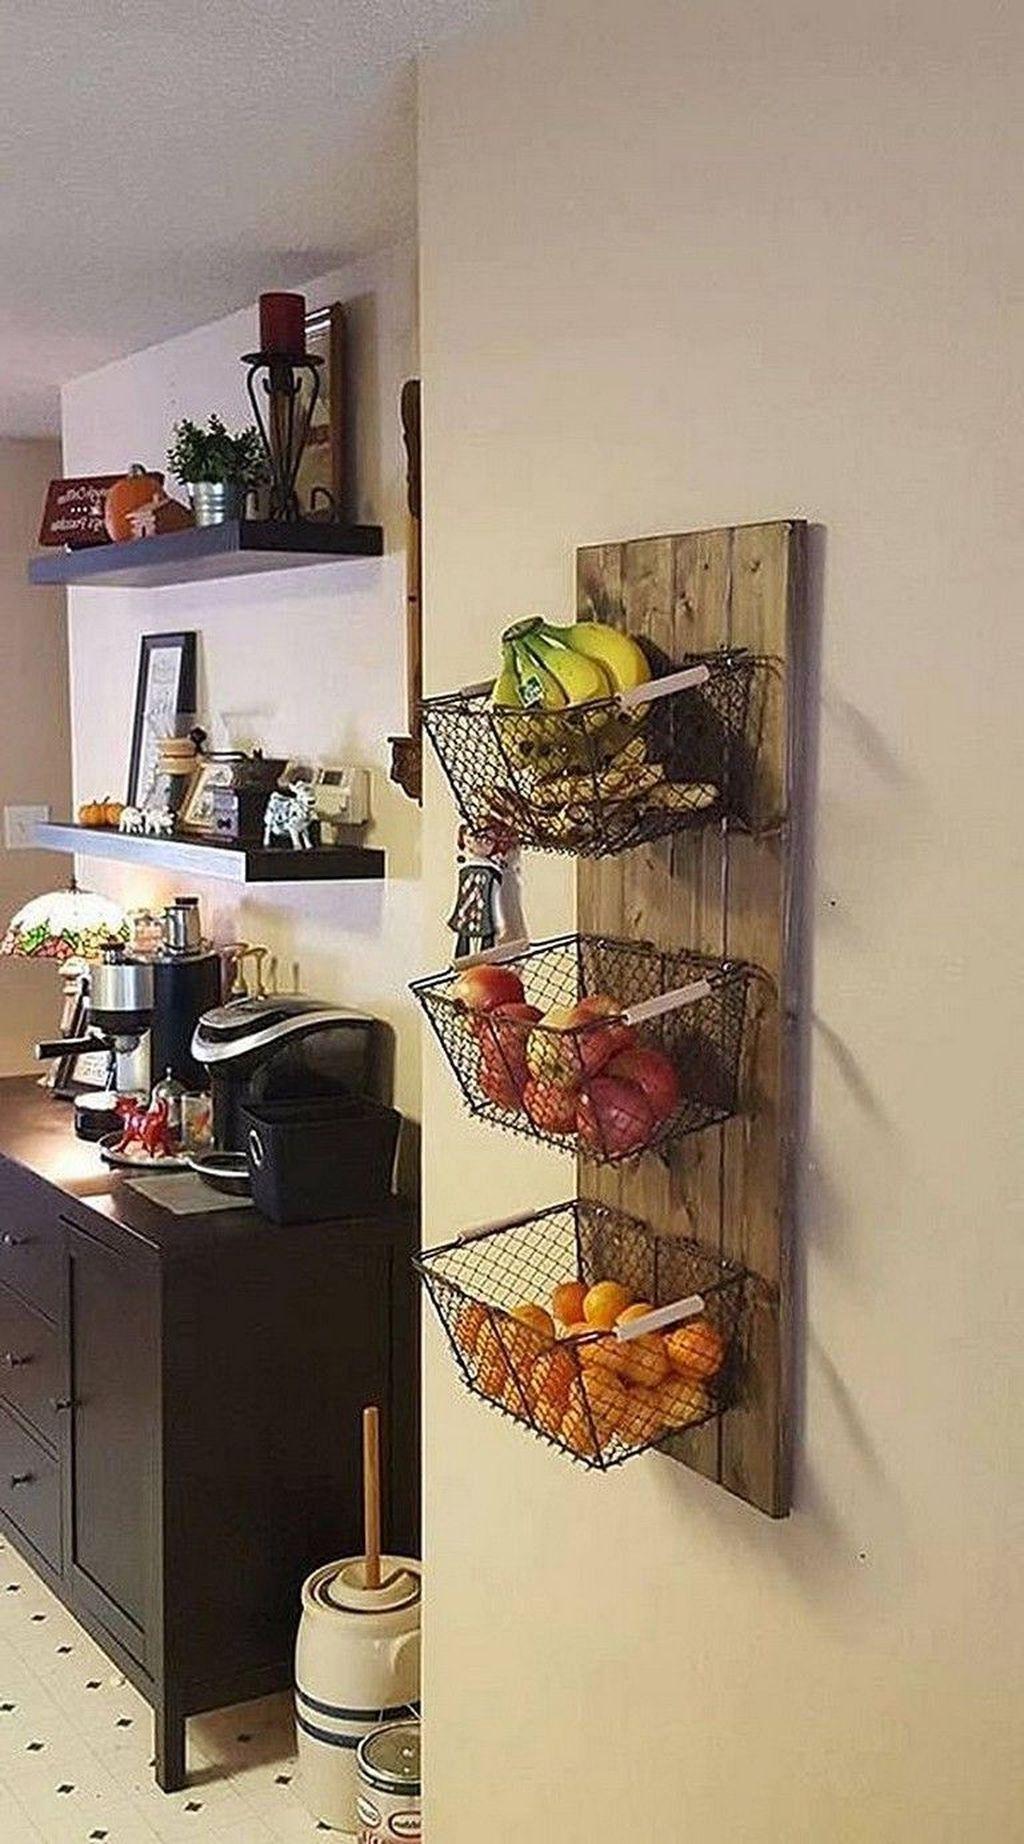 35 Magnificient Kitchen Organize Design Ideas On A Budget In 2020 Diy Kitchen Storage Kitchen Organization Diy Diy Storage Rack